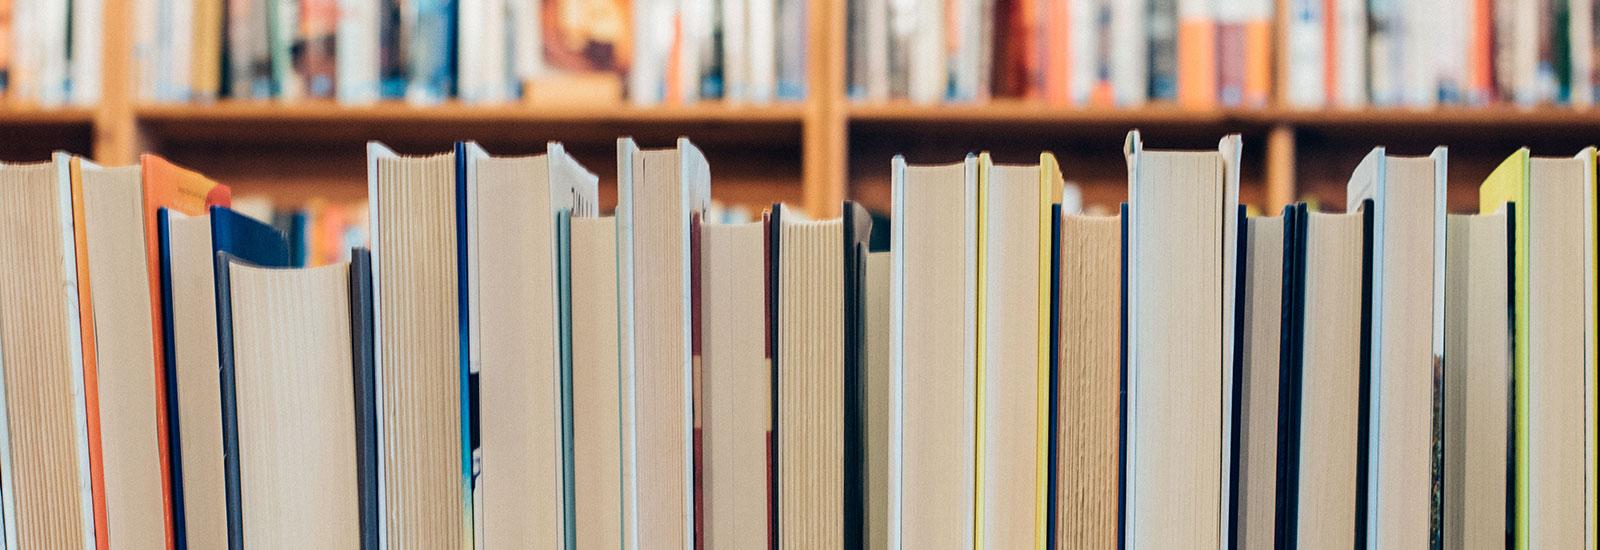 Bibliotecas do Agrupamento de Escolas nº2 de Serpa